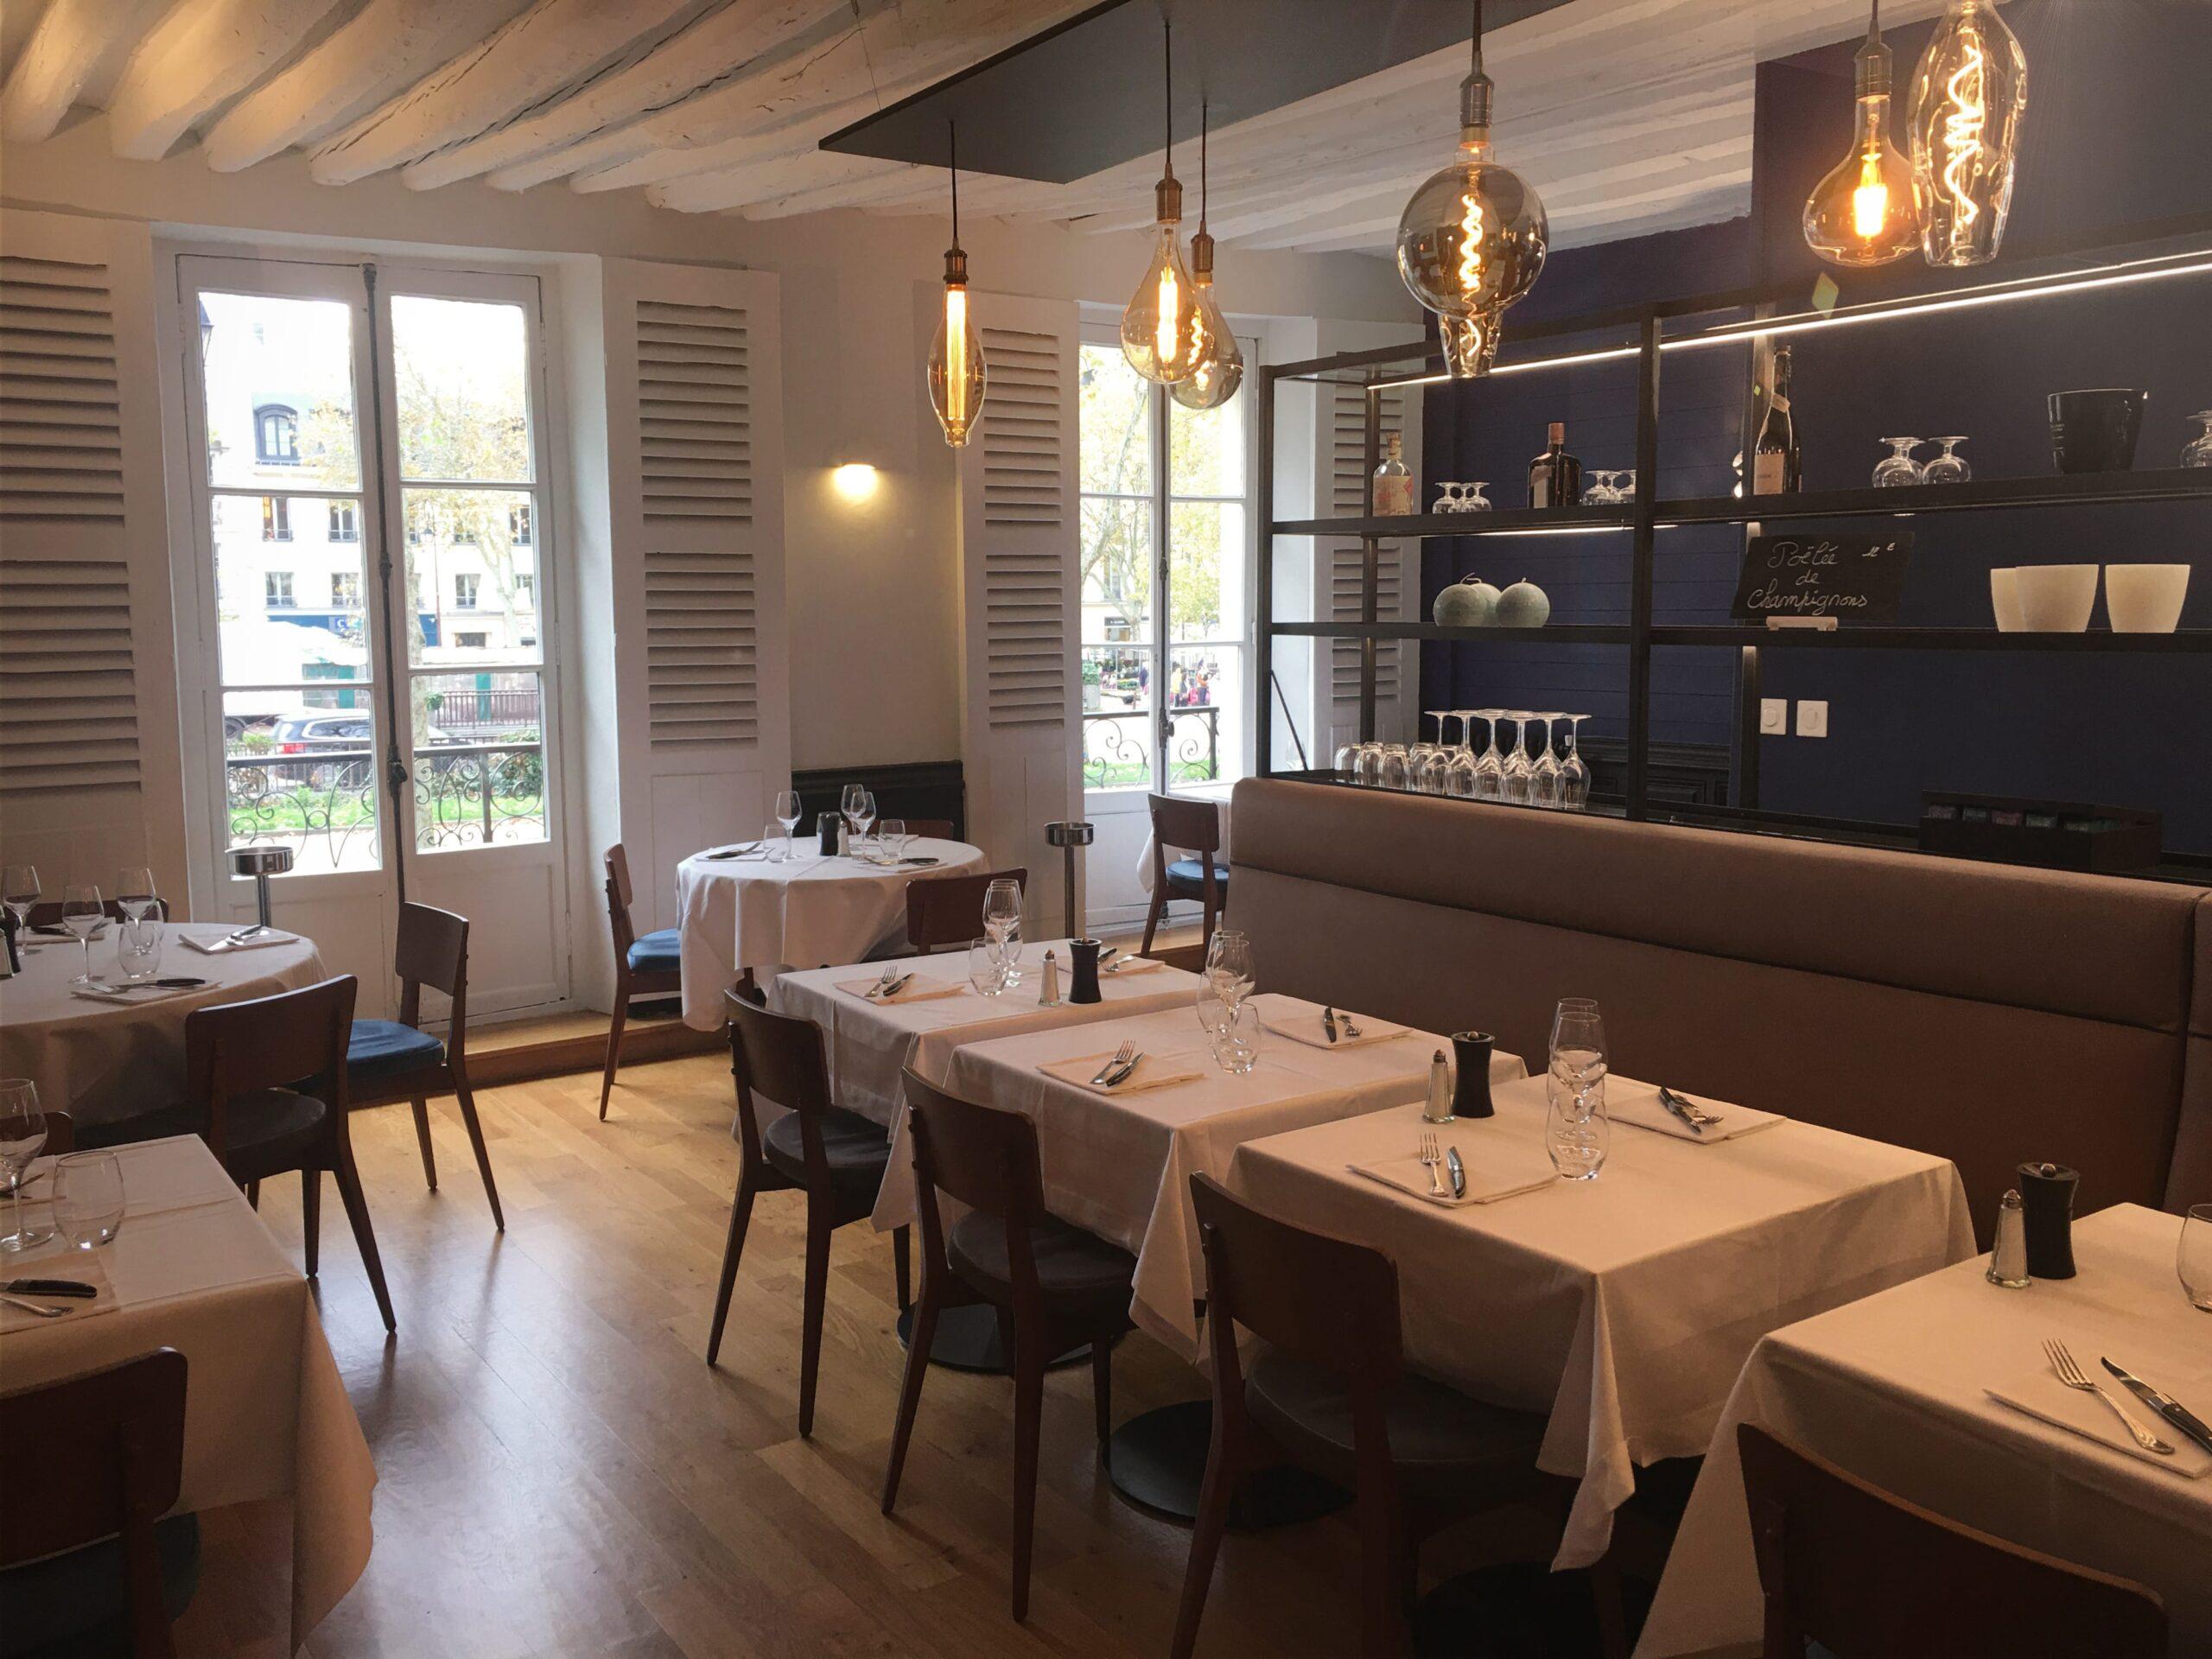 bleu-blanche-rouge-versailles-amenagement-restaurant-architecture-interieur-favresse-architectes-02-min